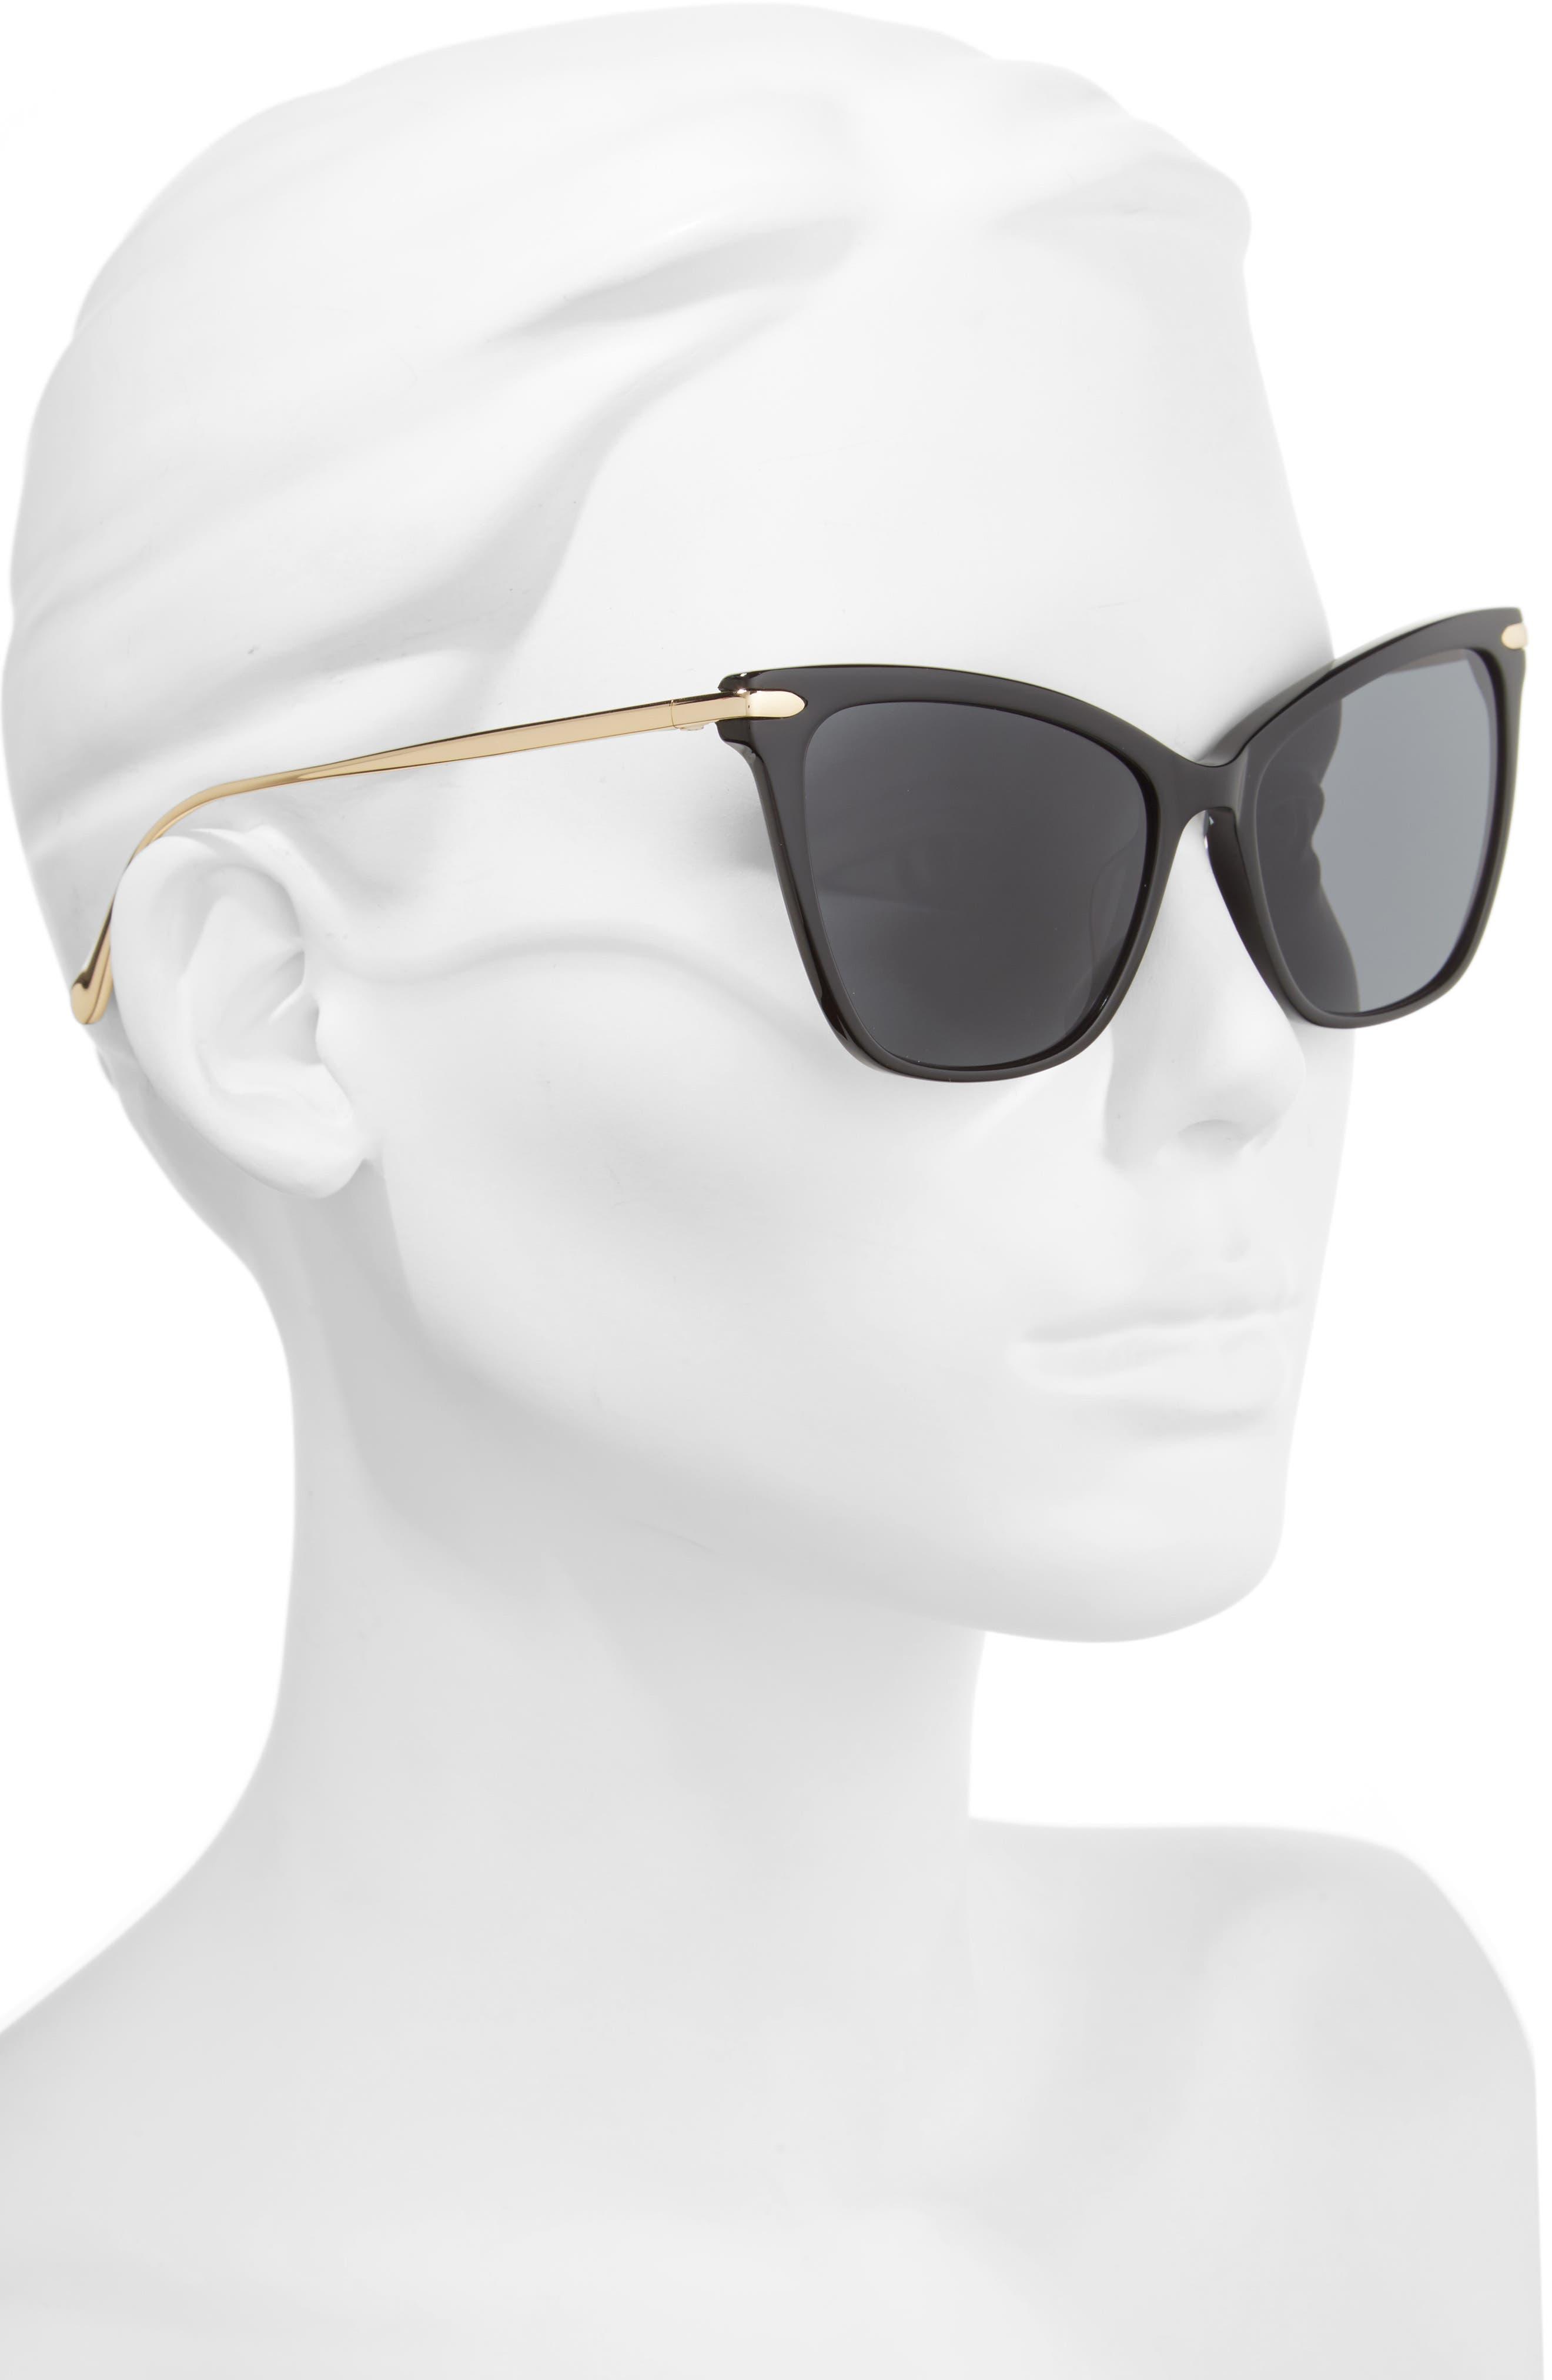 Jetsetter 55mm Cat Eye Sunglasses,                             Alternate thumbnail 2, color,                             001